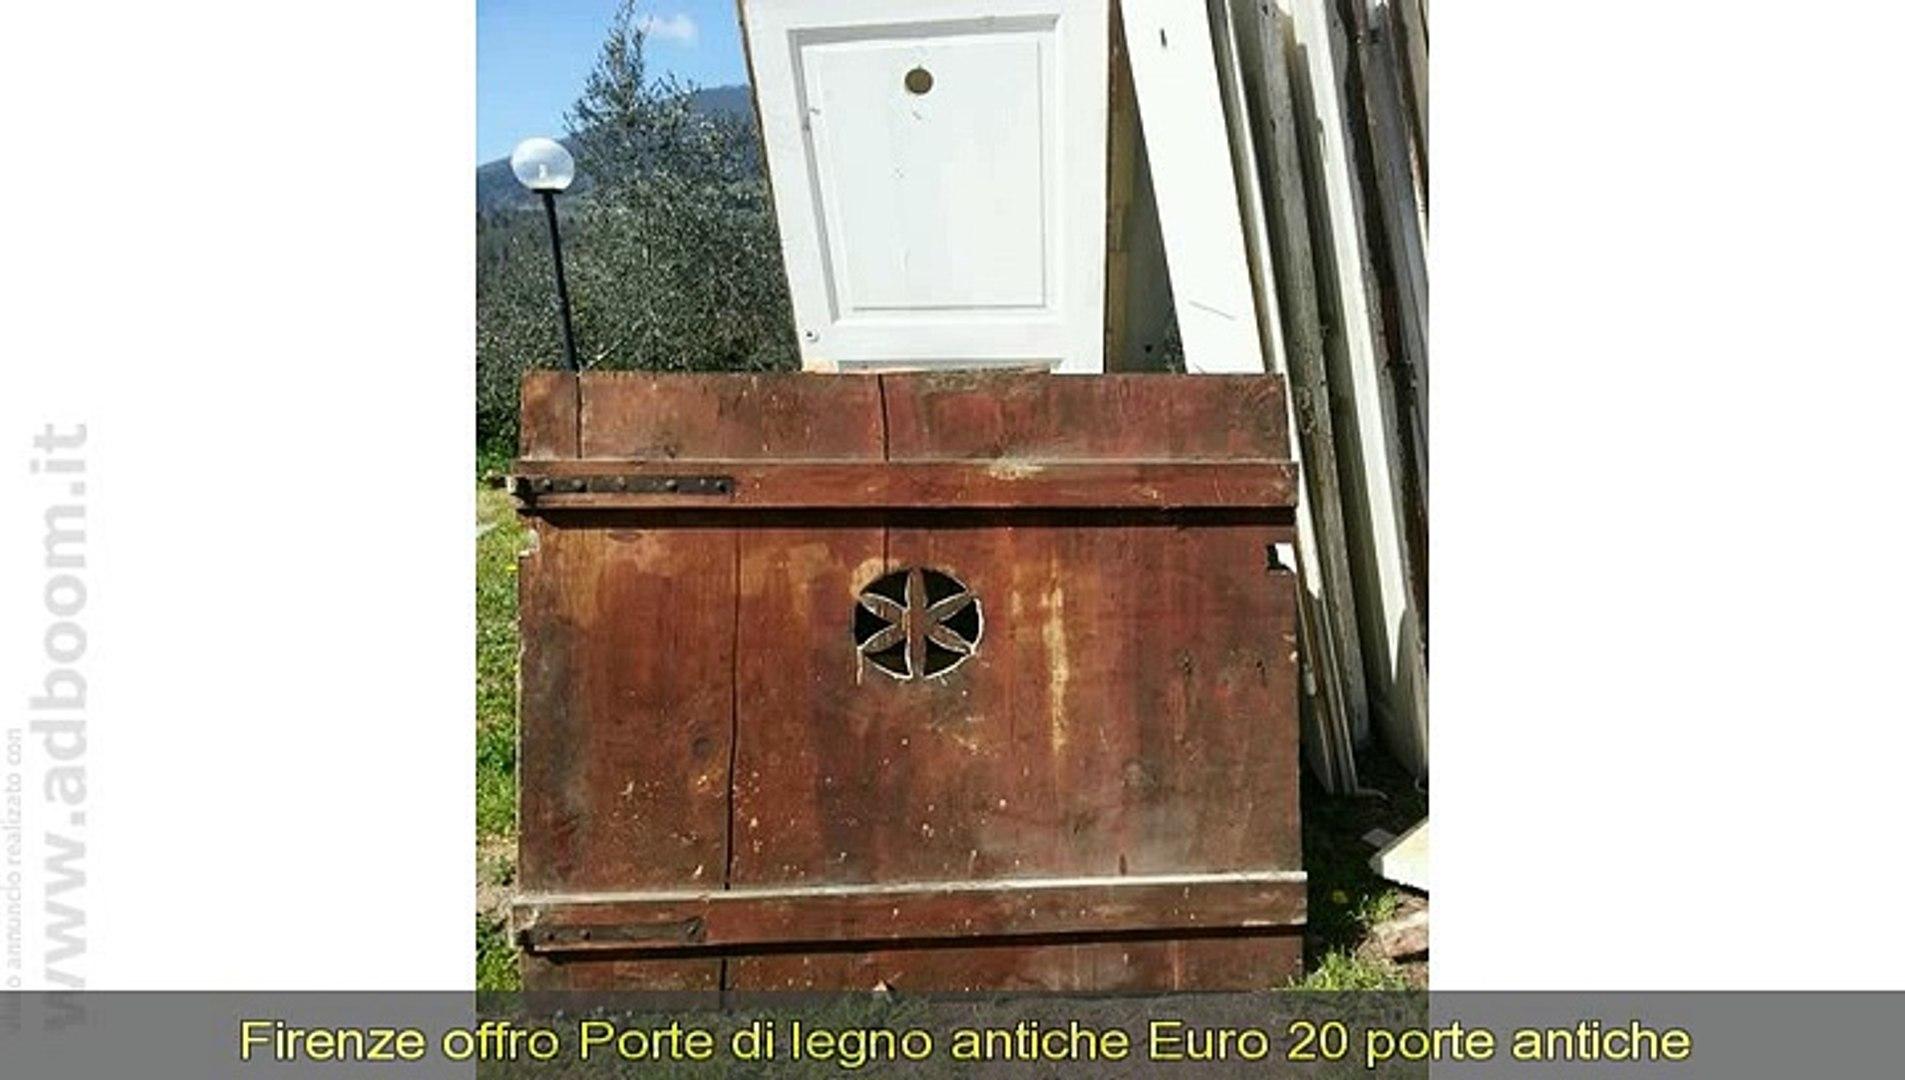 Foto Di Porte Antiche firenze, porte di legno antiche euro 20 - video dailymotion